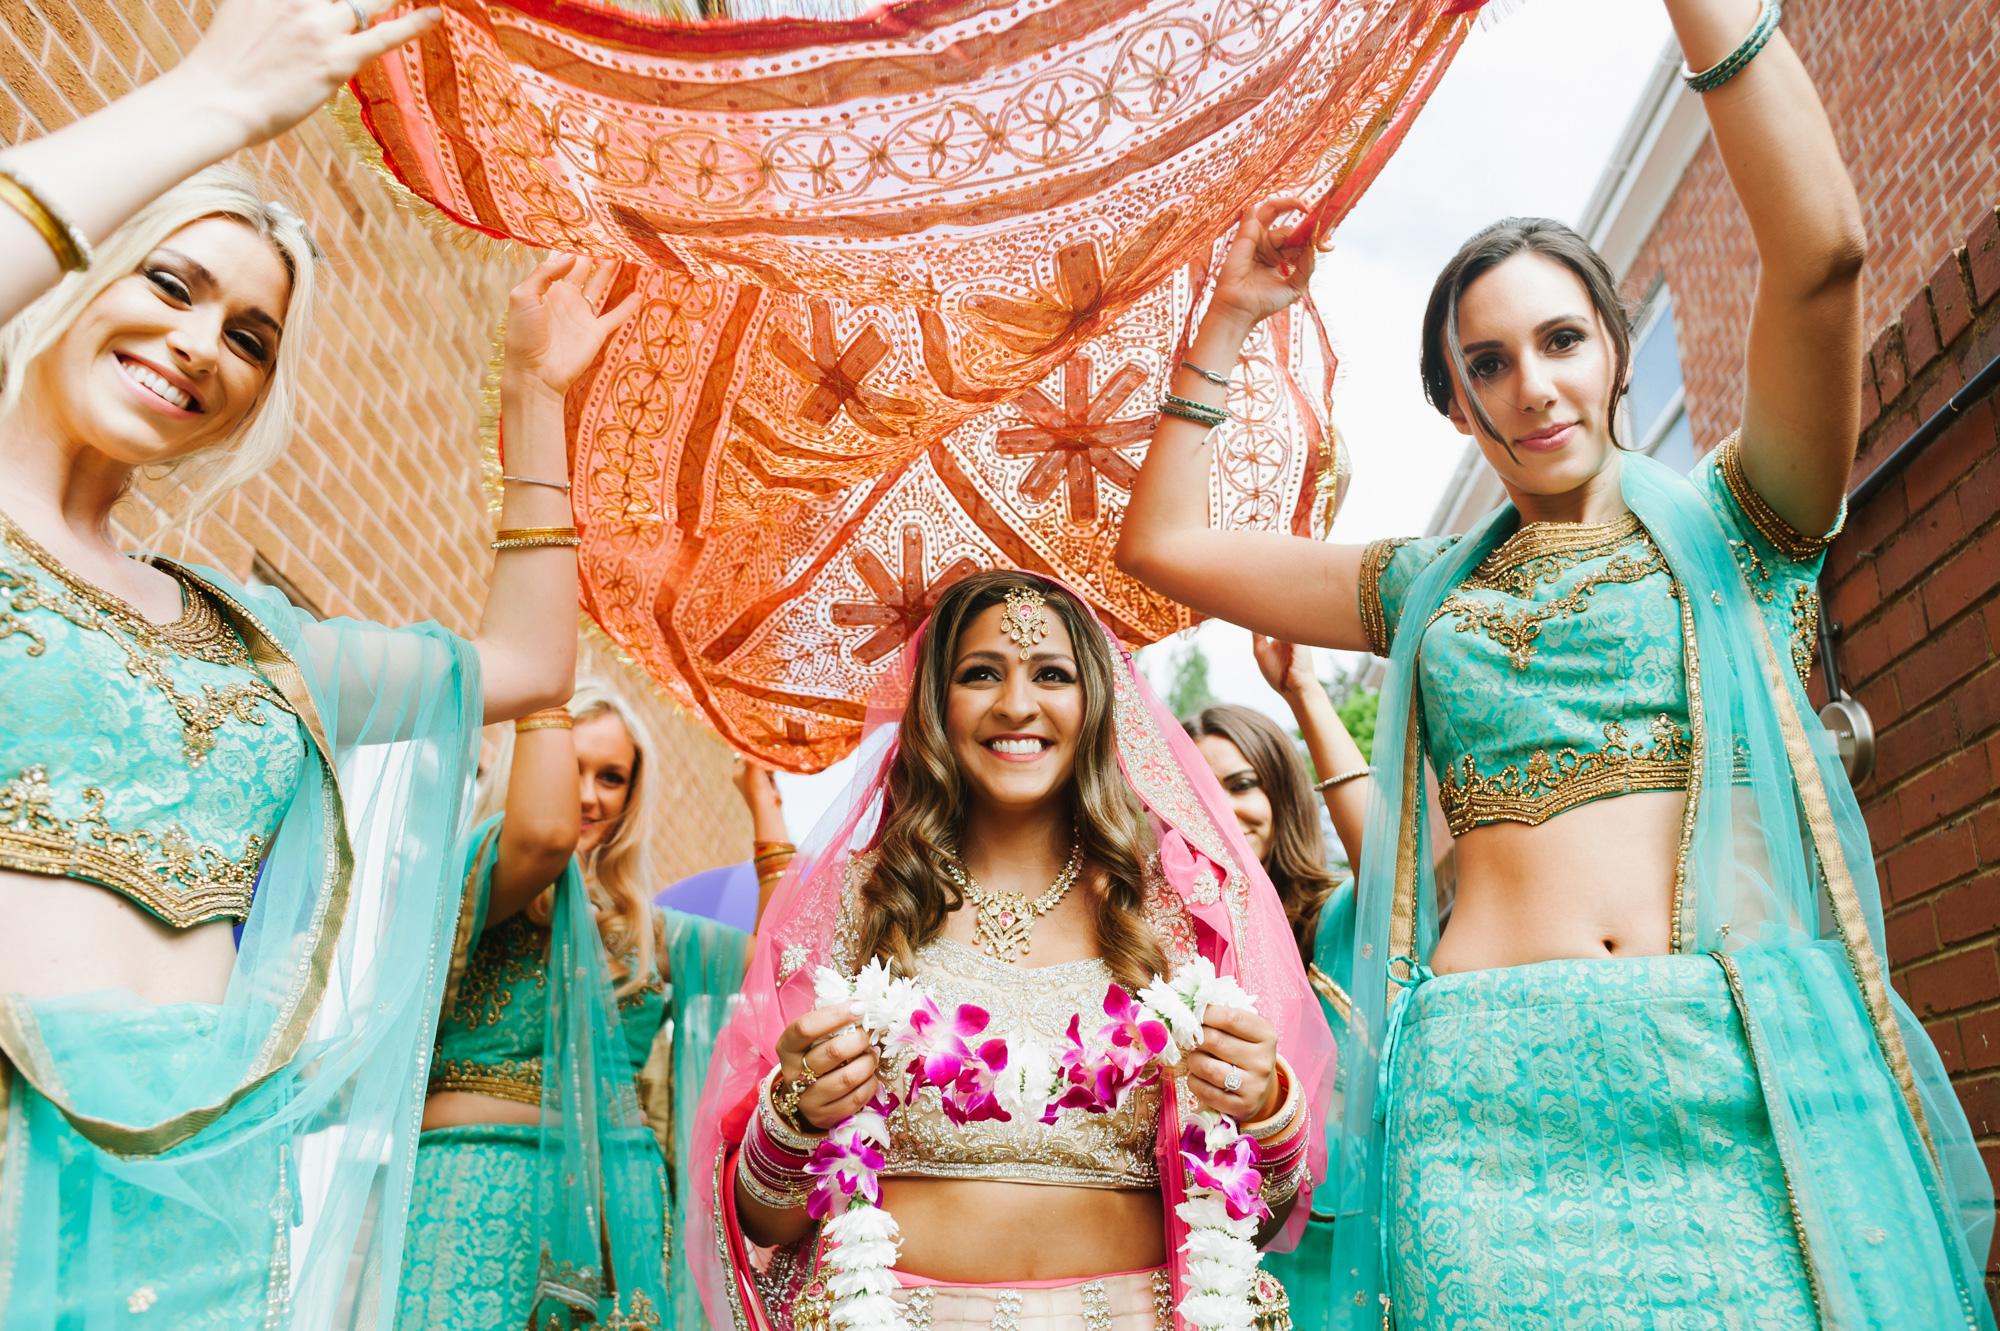 indian wedding bride with bridesmaids entrance